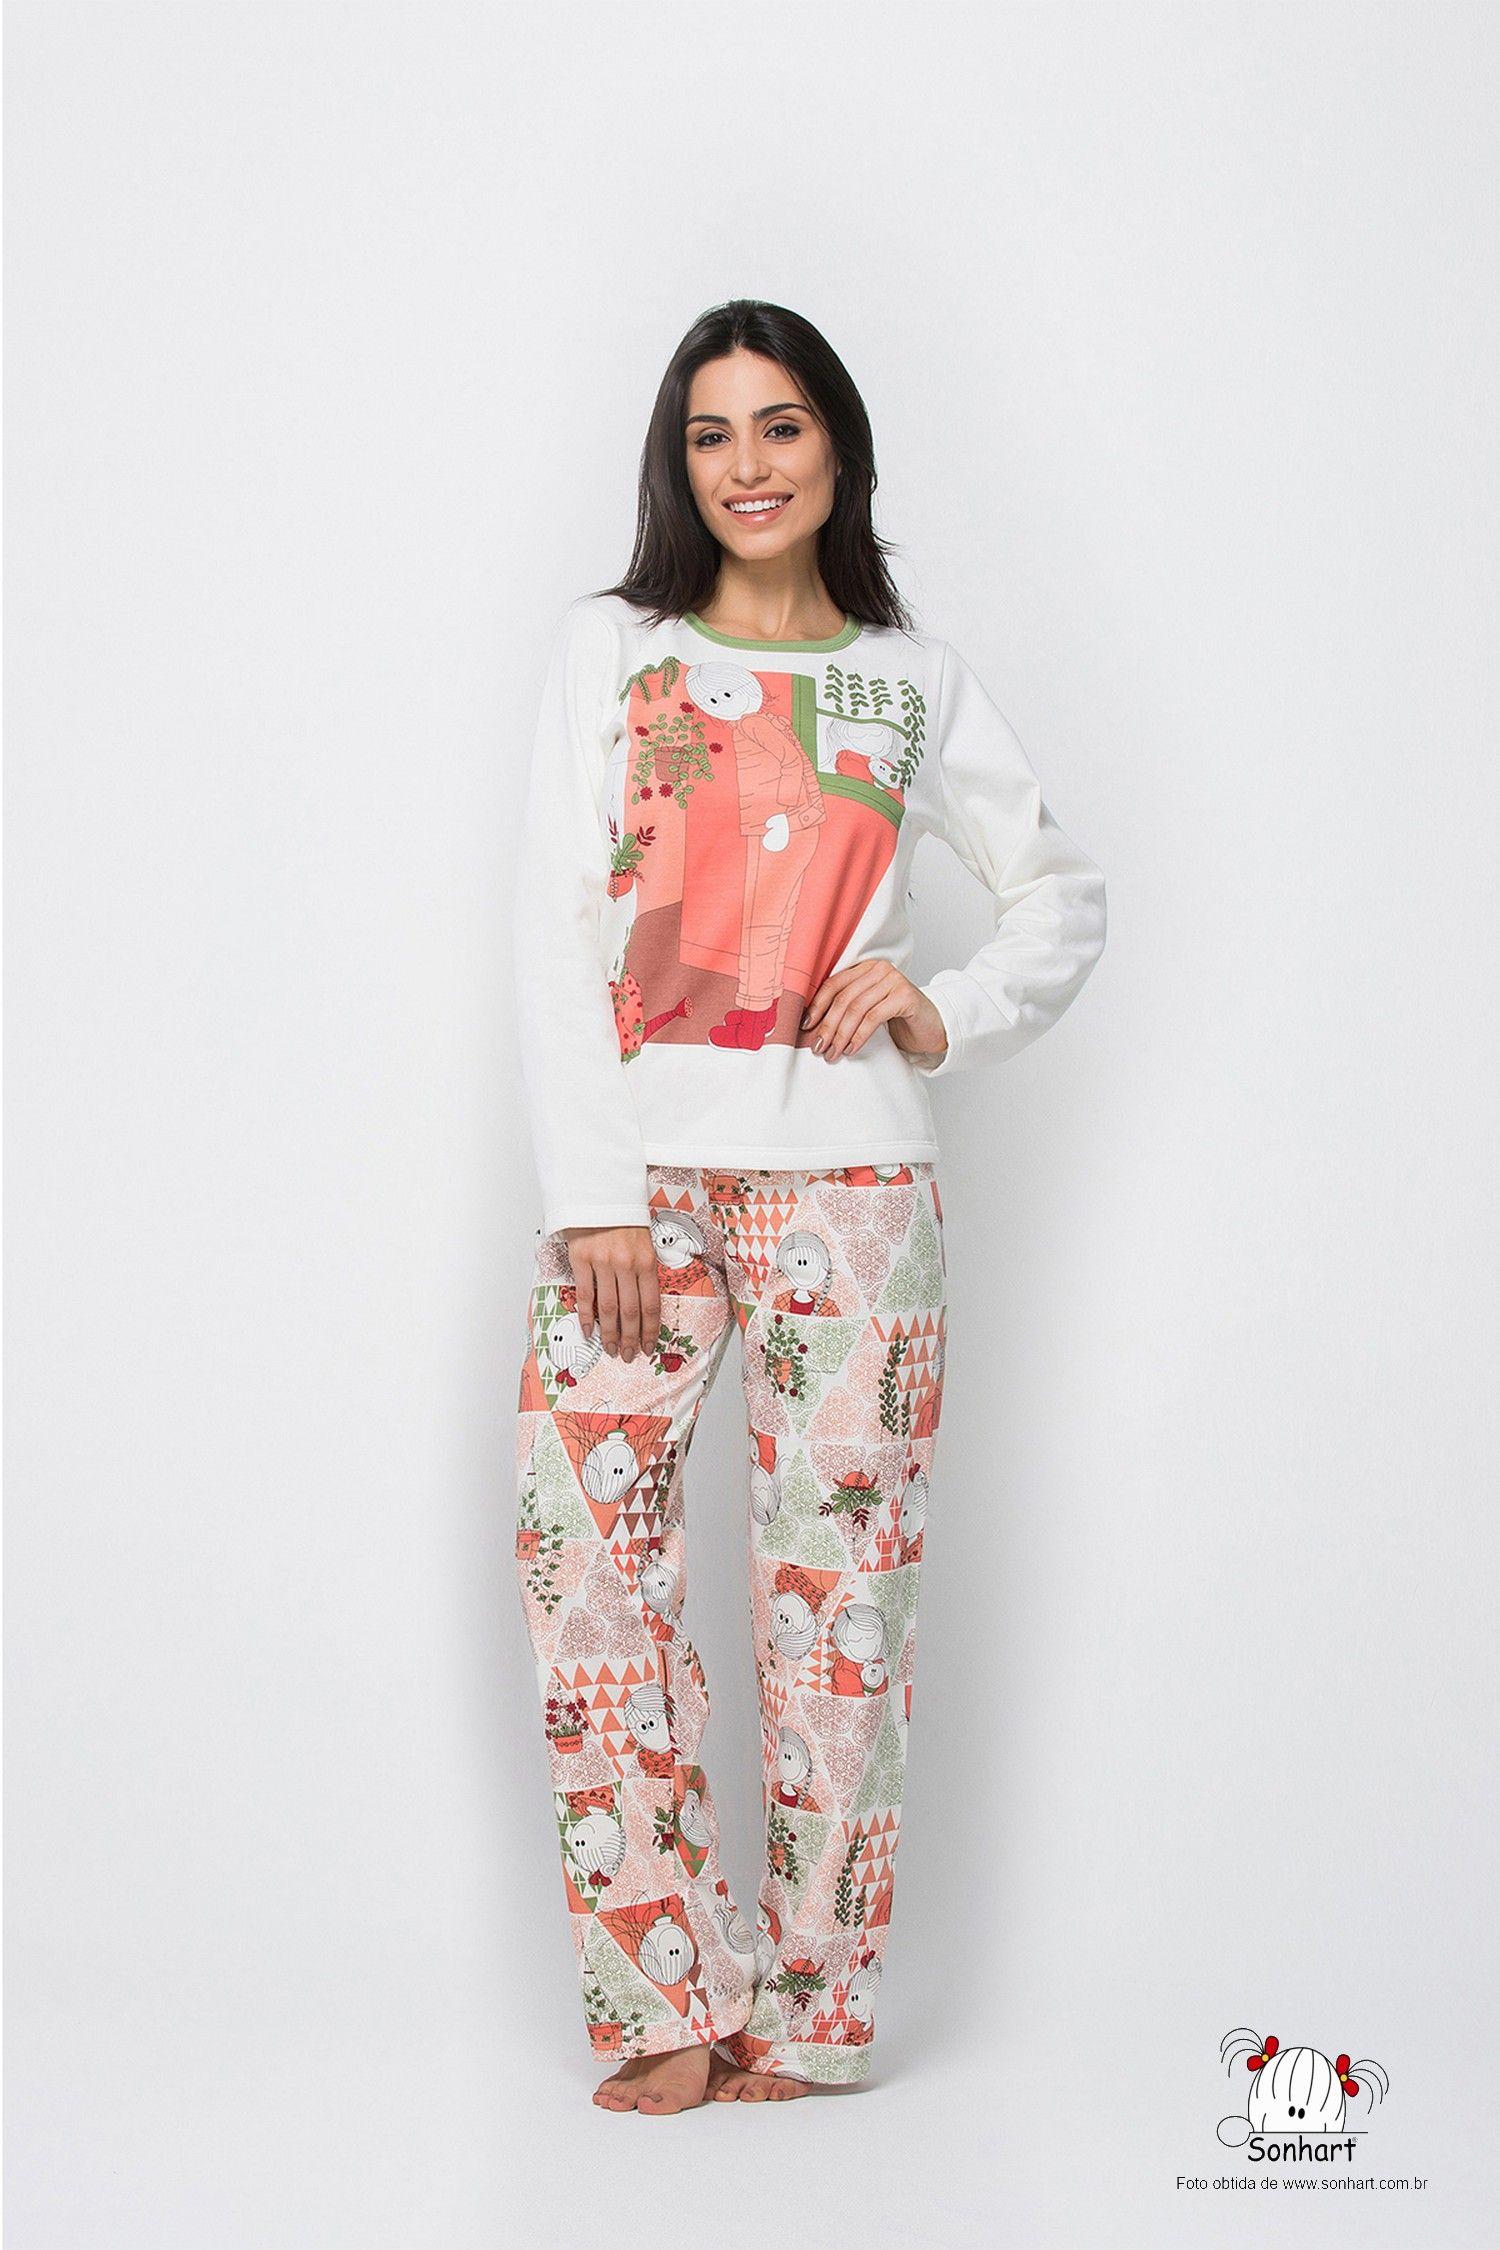 9741a64f1fc59 Malha Magia - Sonhart - Feminino Adulto - Camiseta Manga Longa e Calça  Flanelada. (